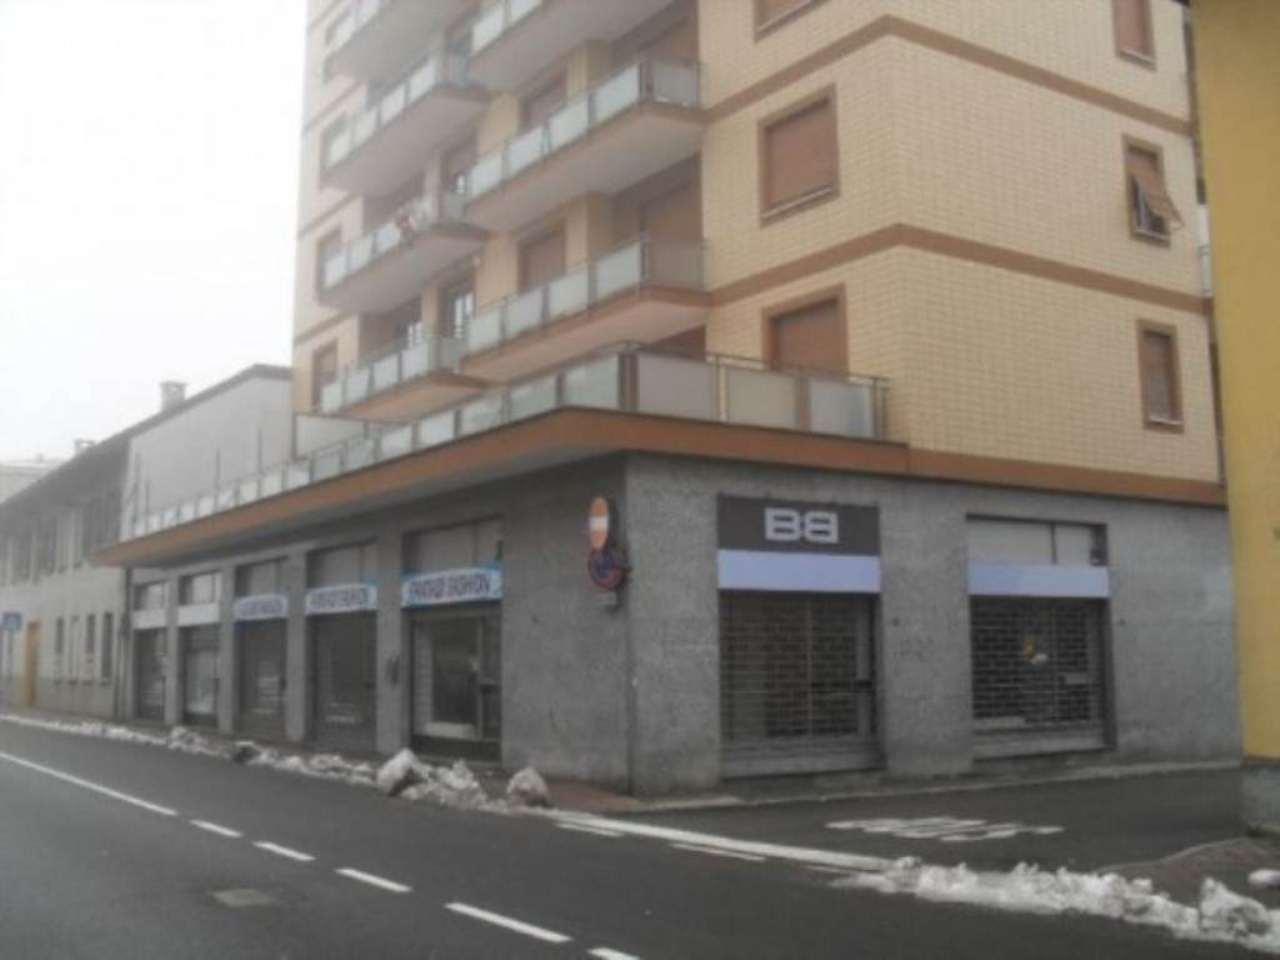 Negozio / Locale in affitto a Desio, 1 locali, prezzo € 700 | Cambio Casa.it